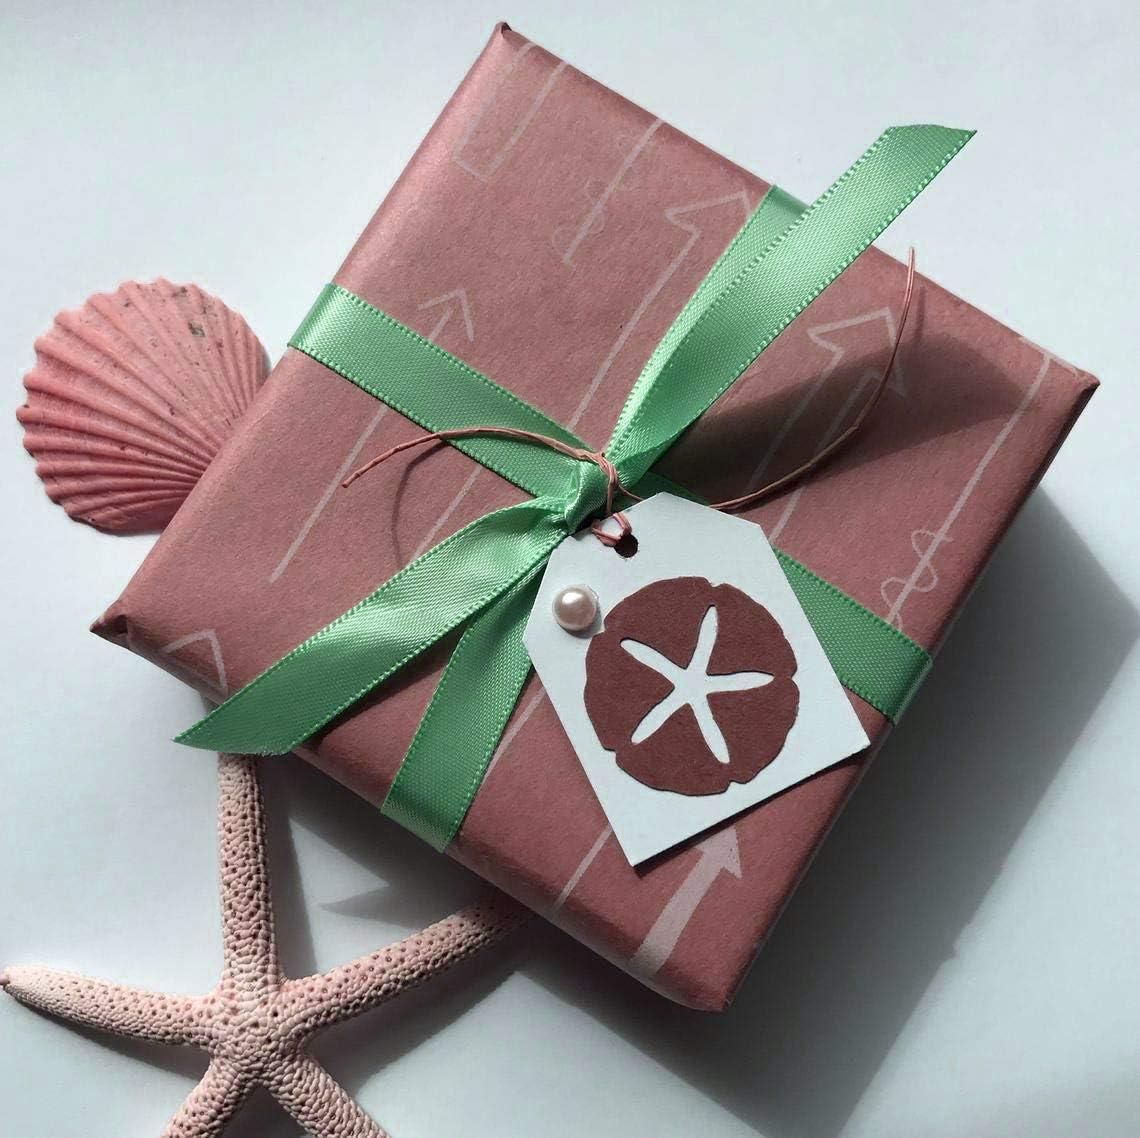 Menthe F/ête et Emballage Cadeau Faire n/œud Papillon ITIsparkle Ruban Satin 6mm x 45m Environ D/écoration pour DIY Mariage